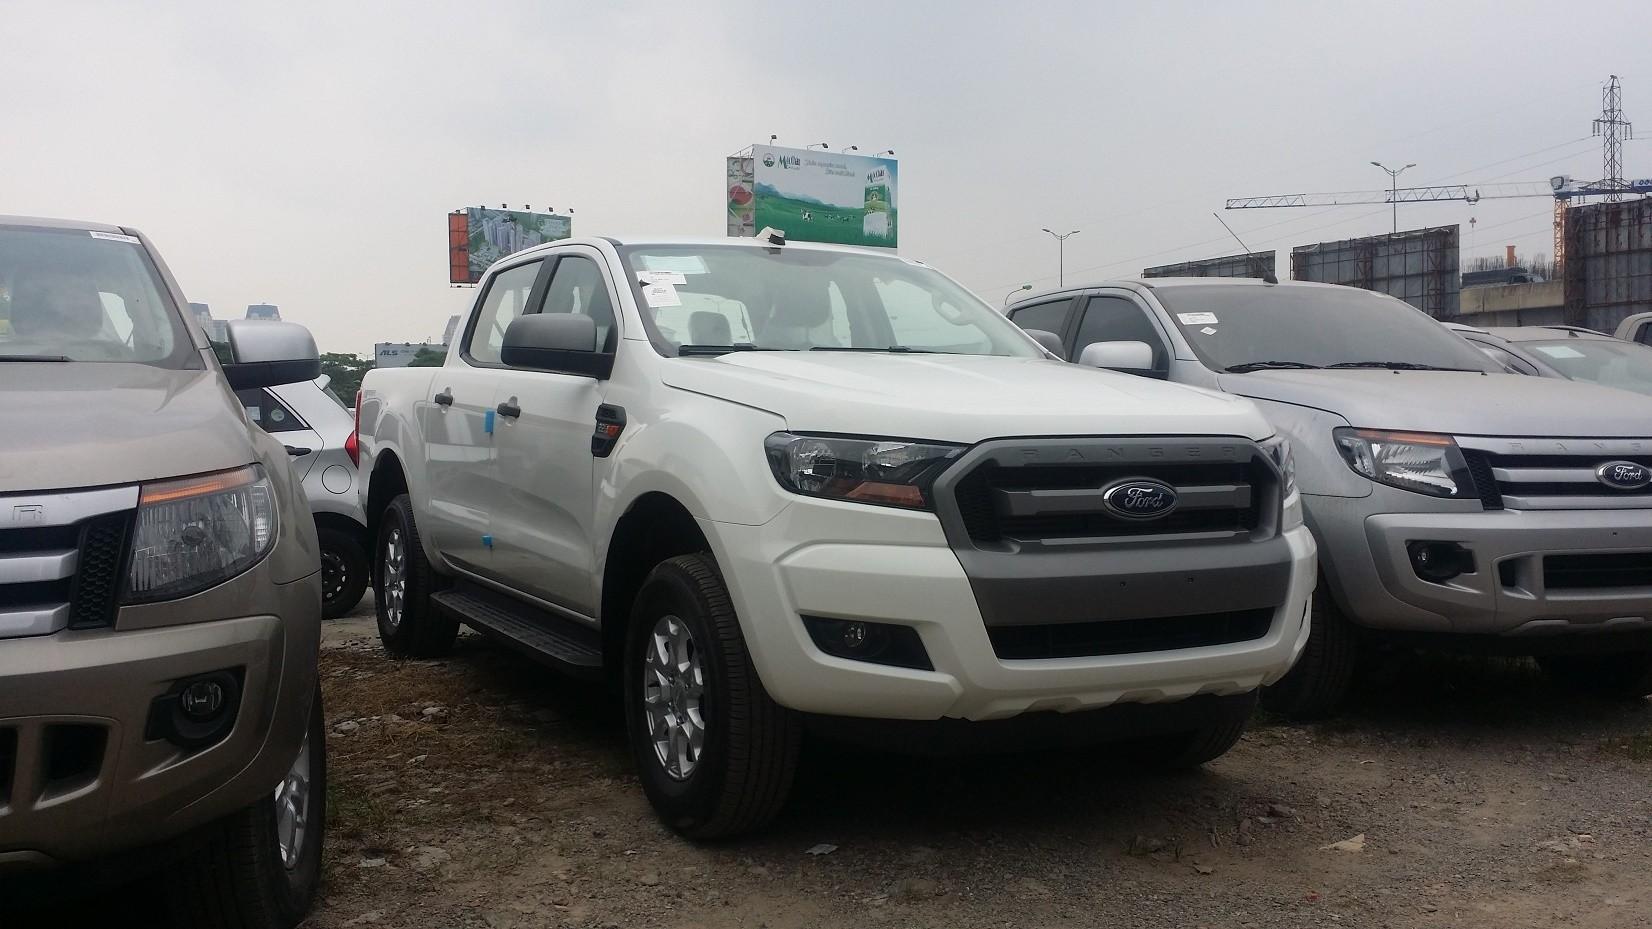 Ford Ranger XLS 4x2AT phiên bản 2017. Đủ mầu, giao xe sớm, hỗ trợ trả góp mọi tỉnh thành Ảnh số 37809169